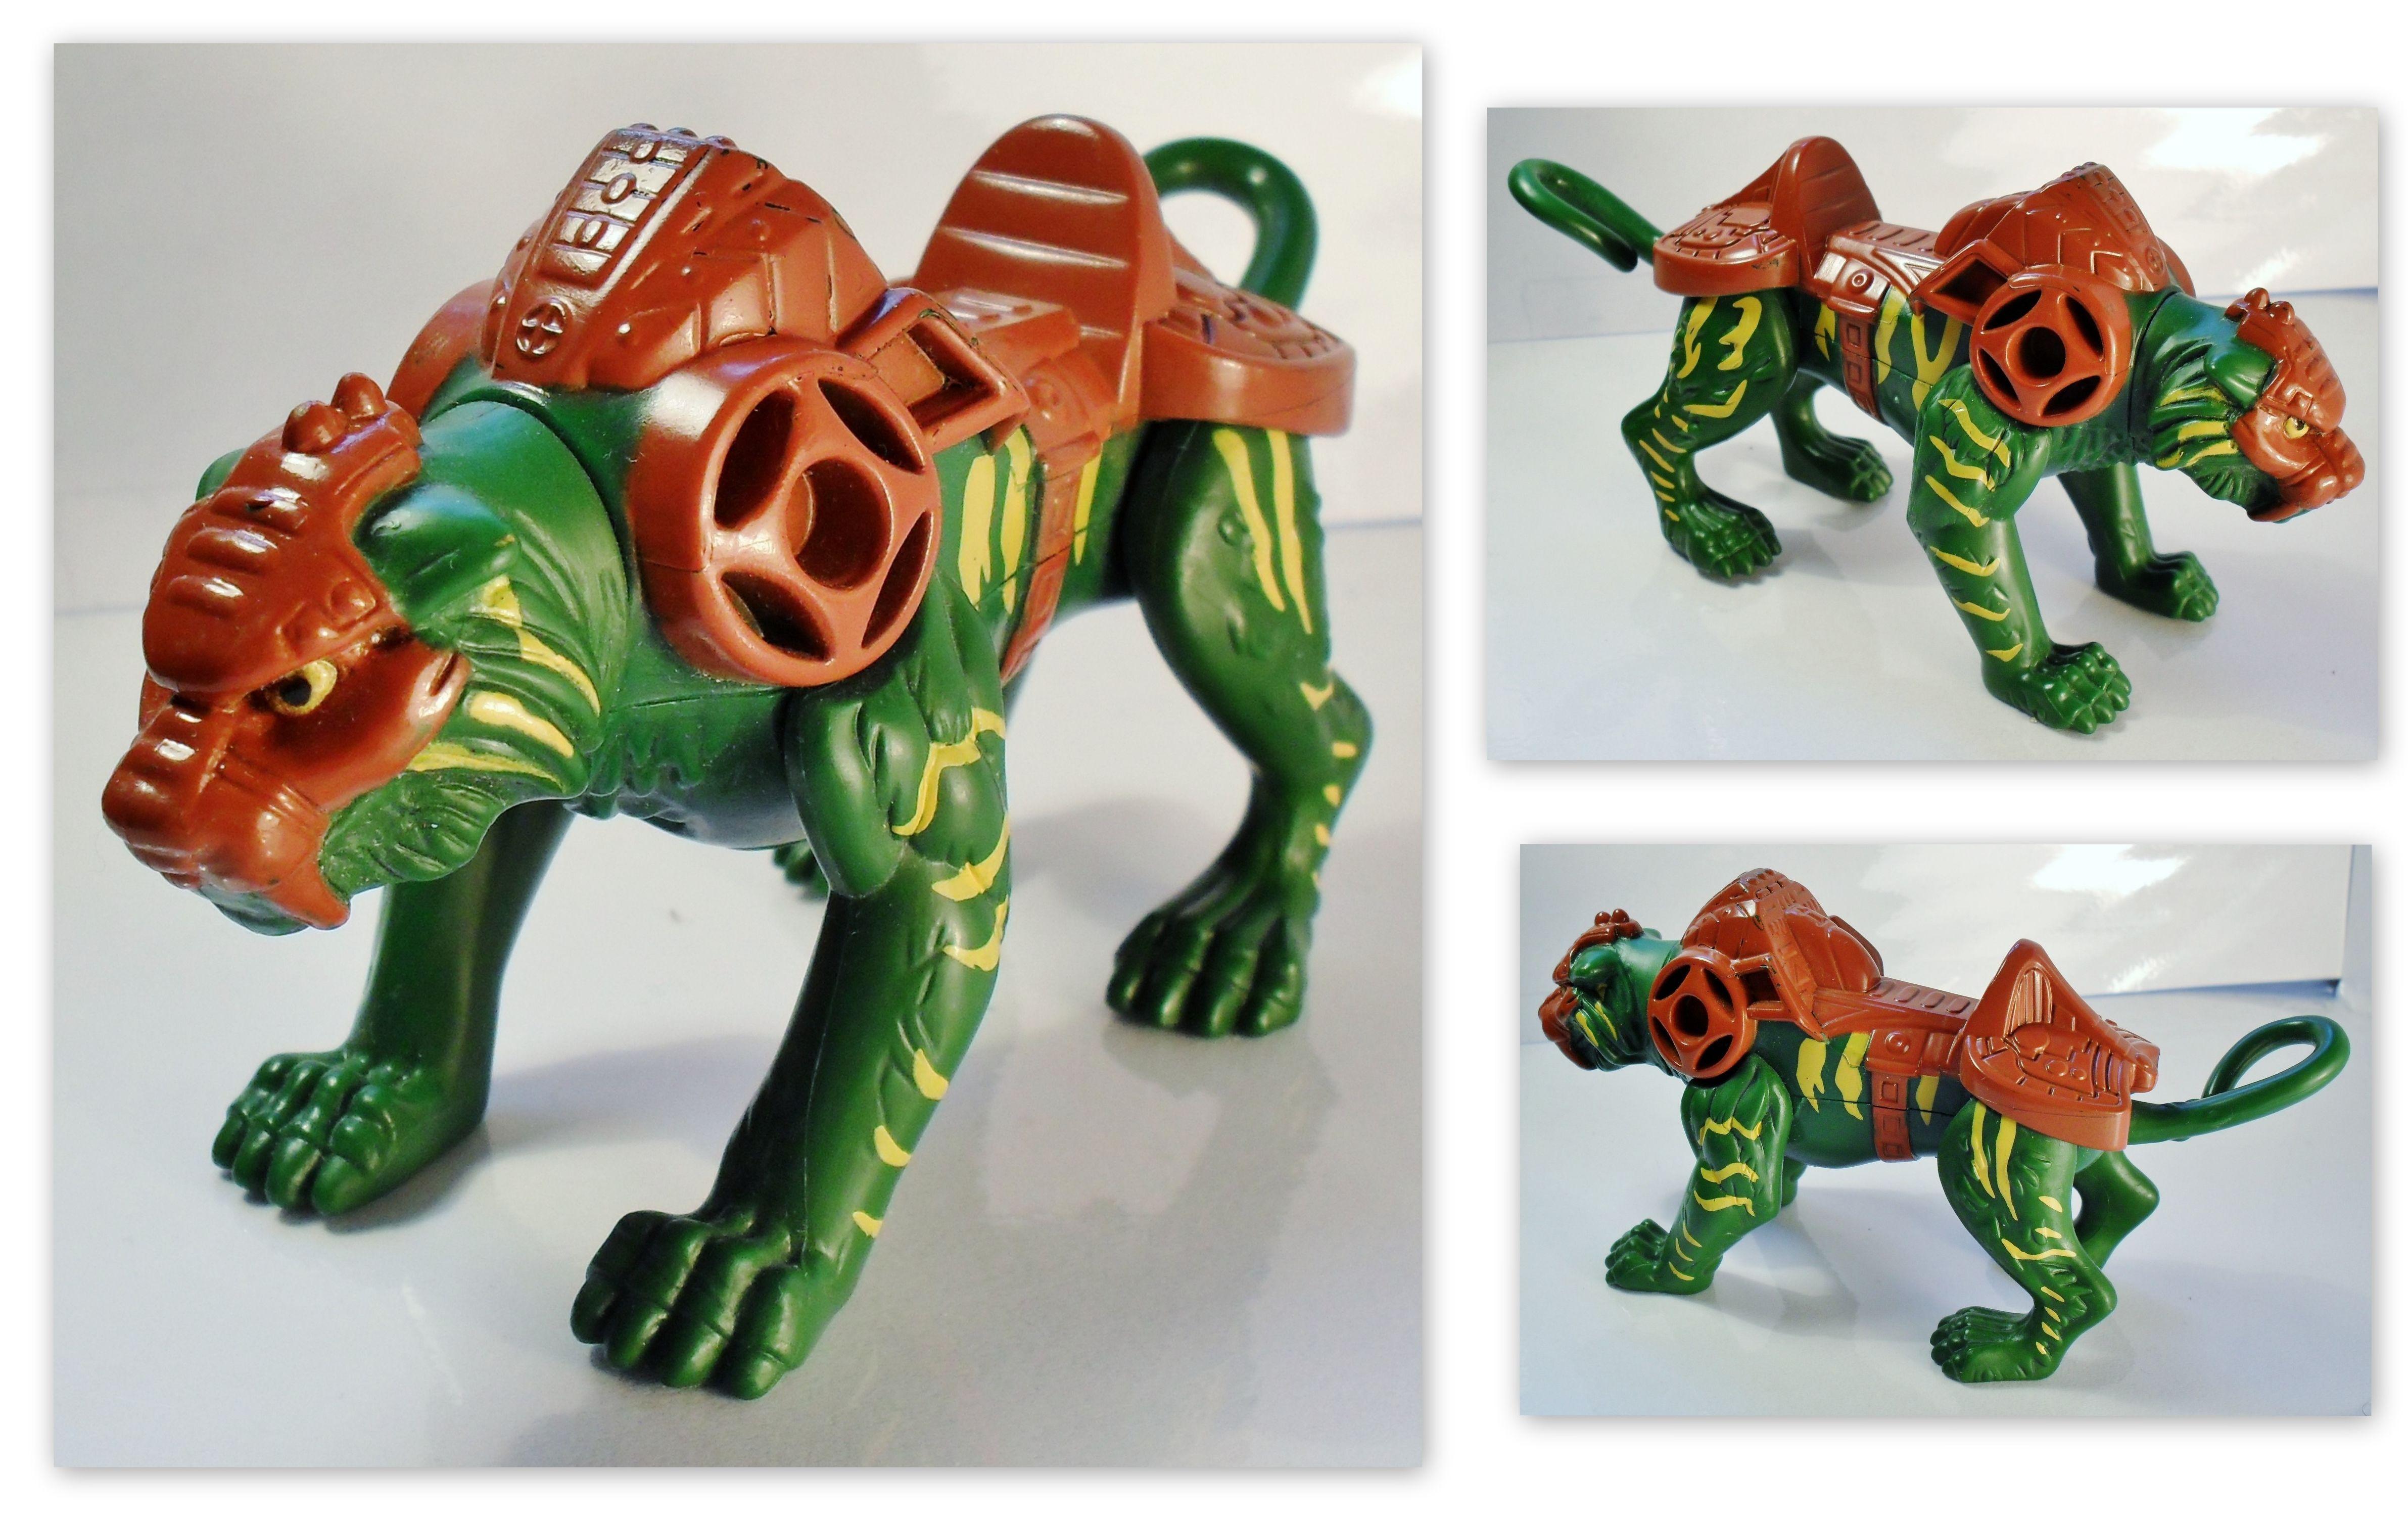 he man 2003 toys HeMan Battle Cat Action Figure 7cm